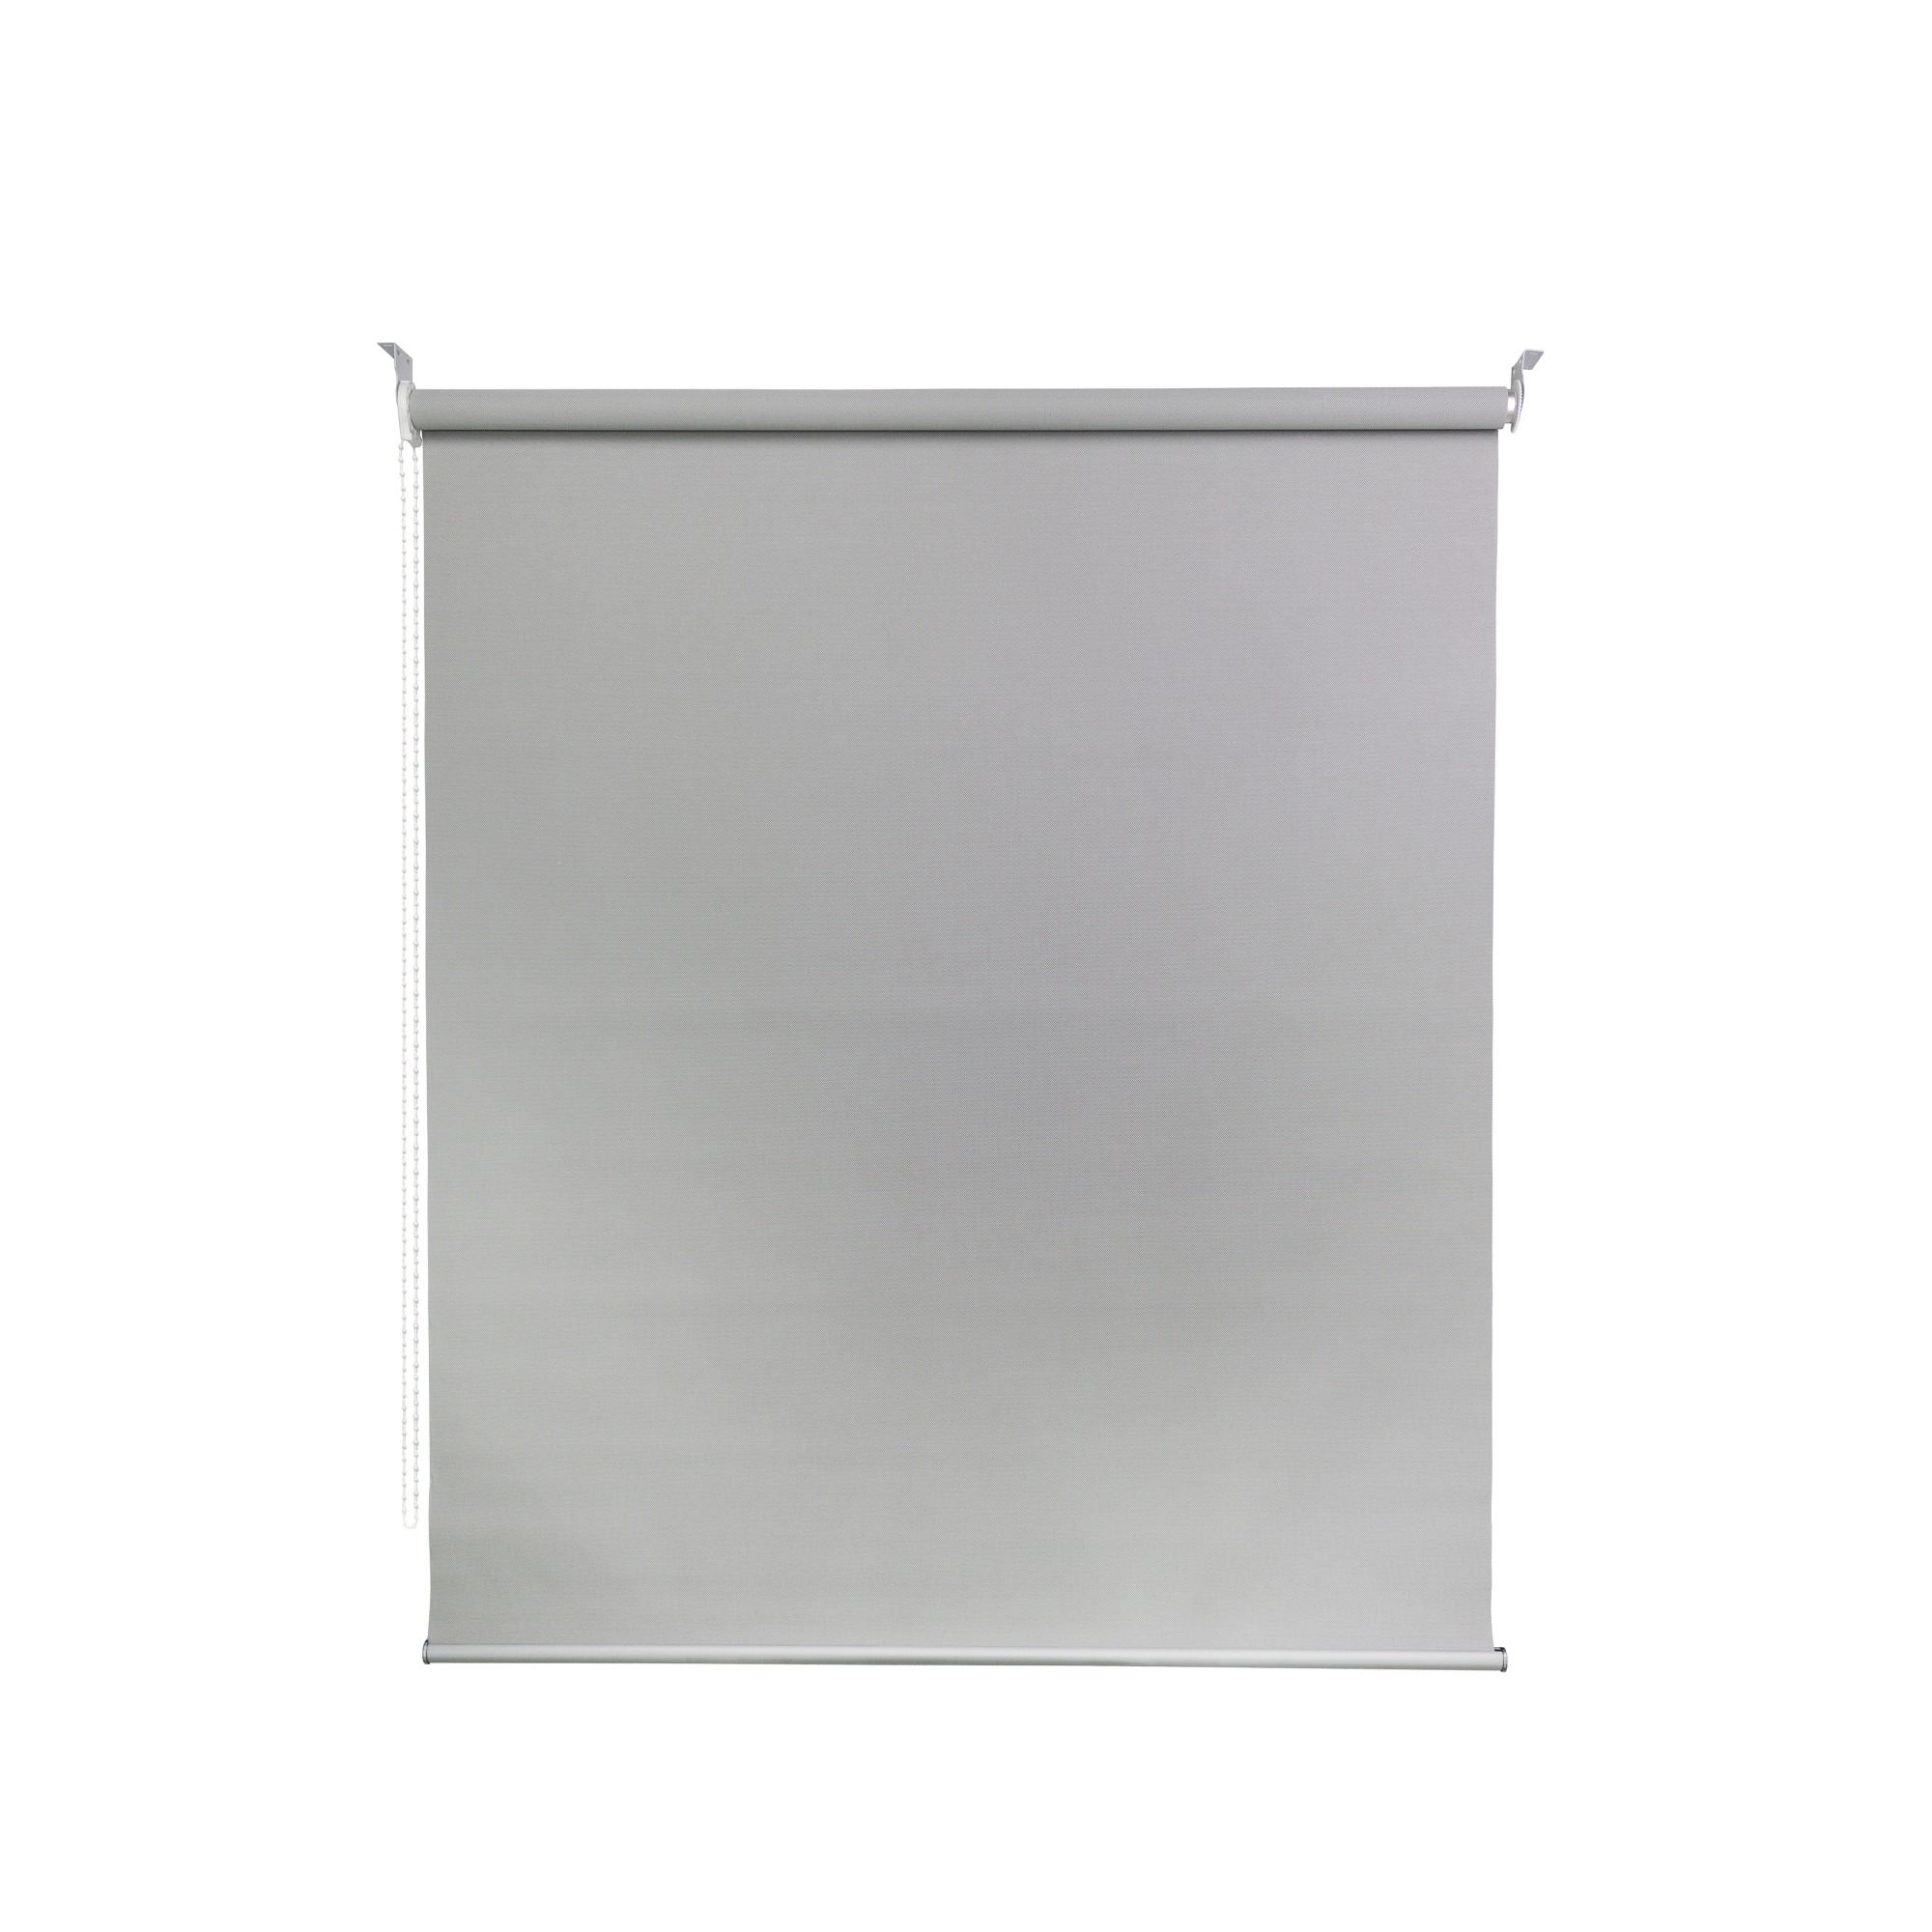 Persiana Rolo Poliester e PVC 80x170 cm Cinza 50A10 - Jolie